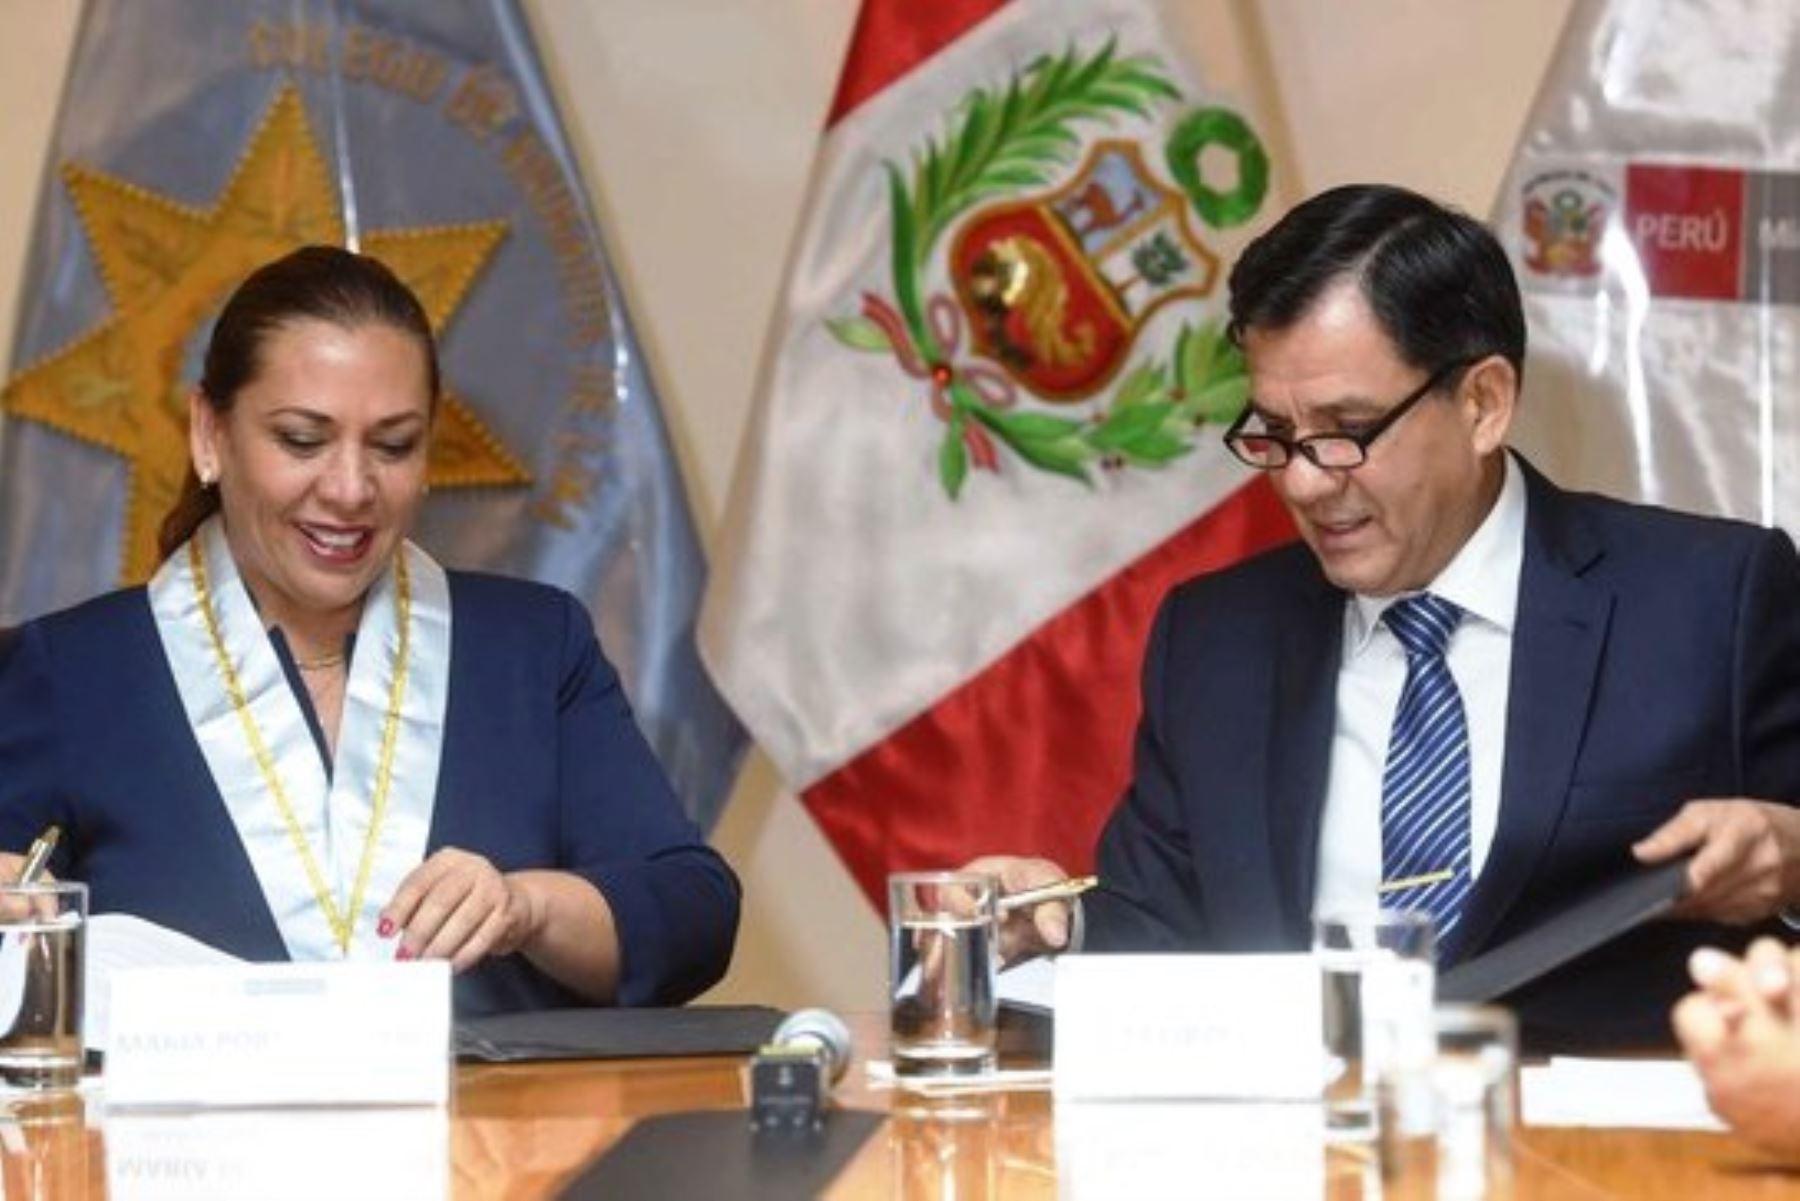 Convenio suscrito entre el Mininter y el CAL. Foto: ANDINA/Difusión.